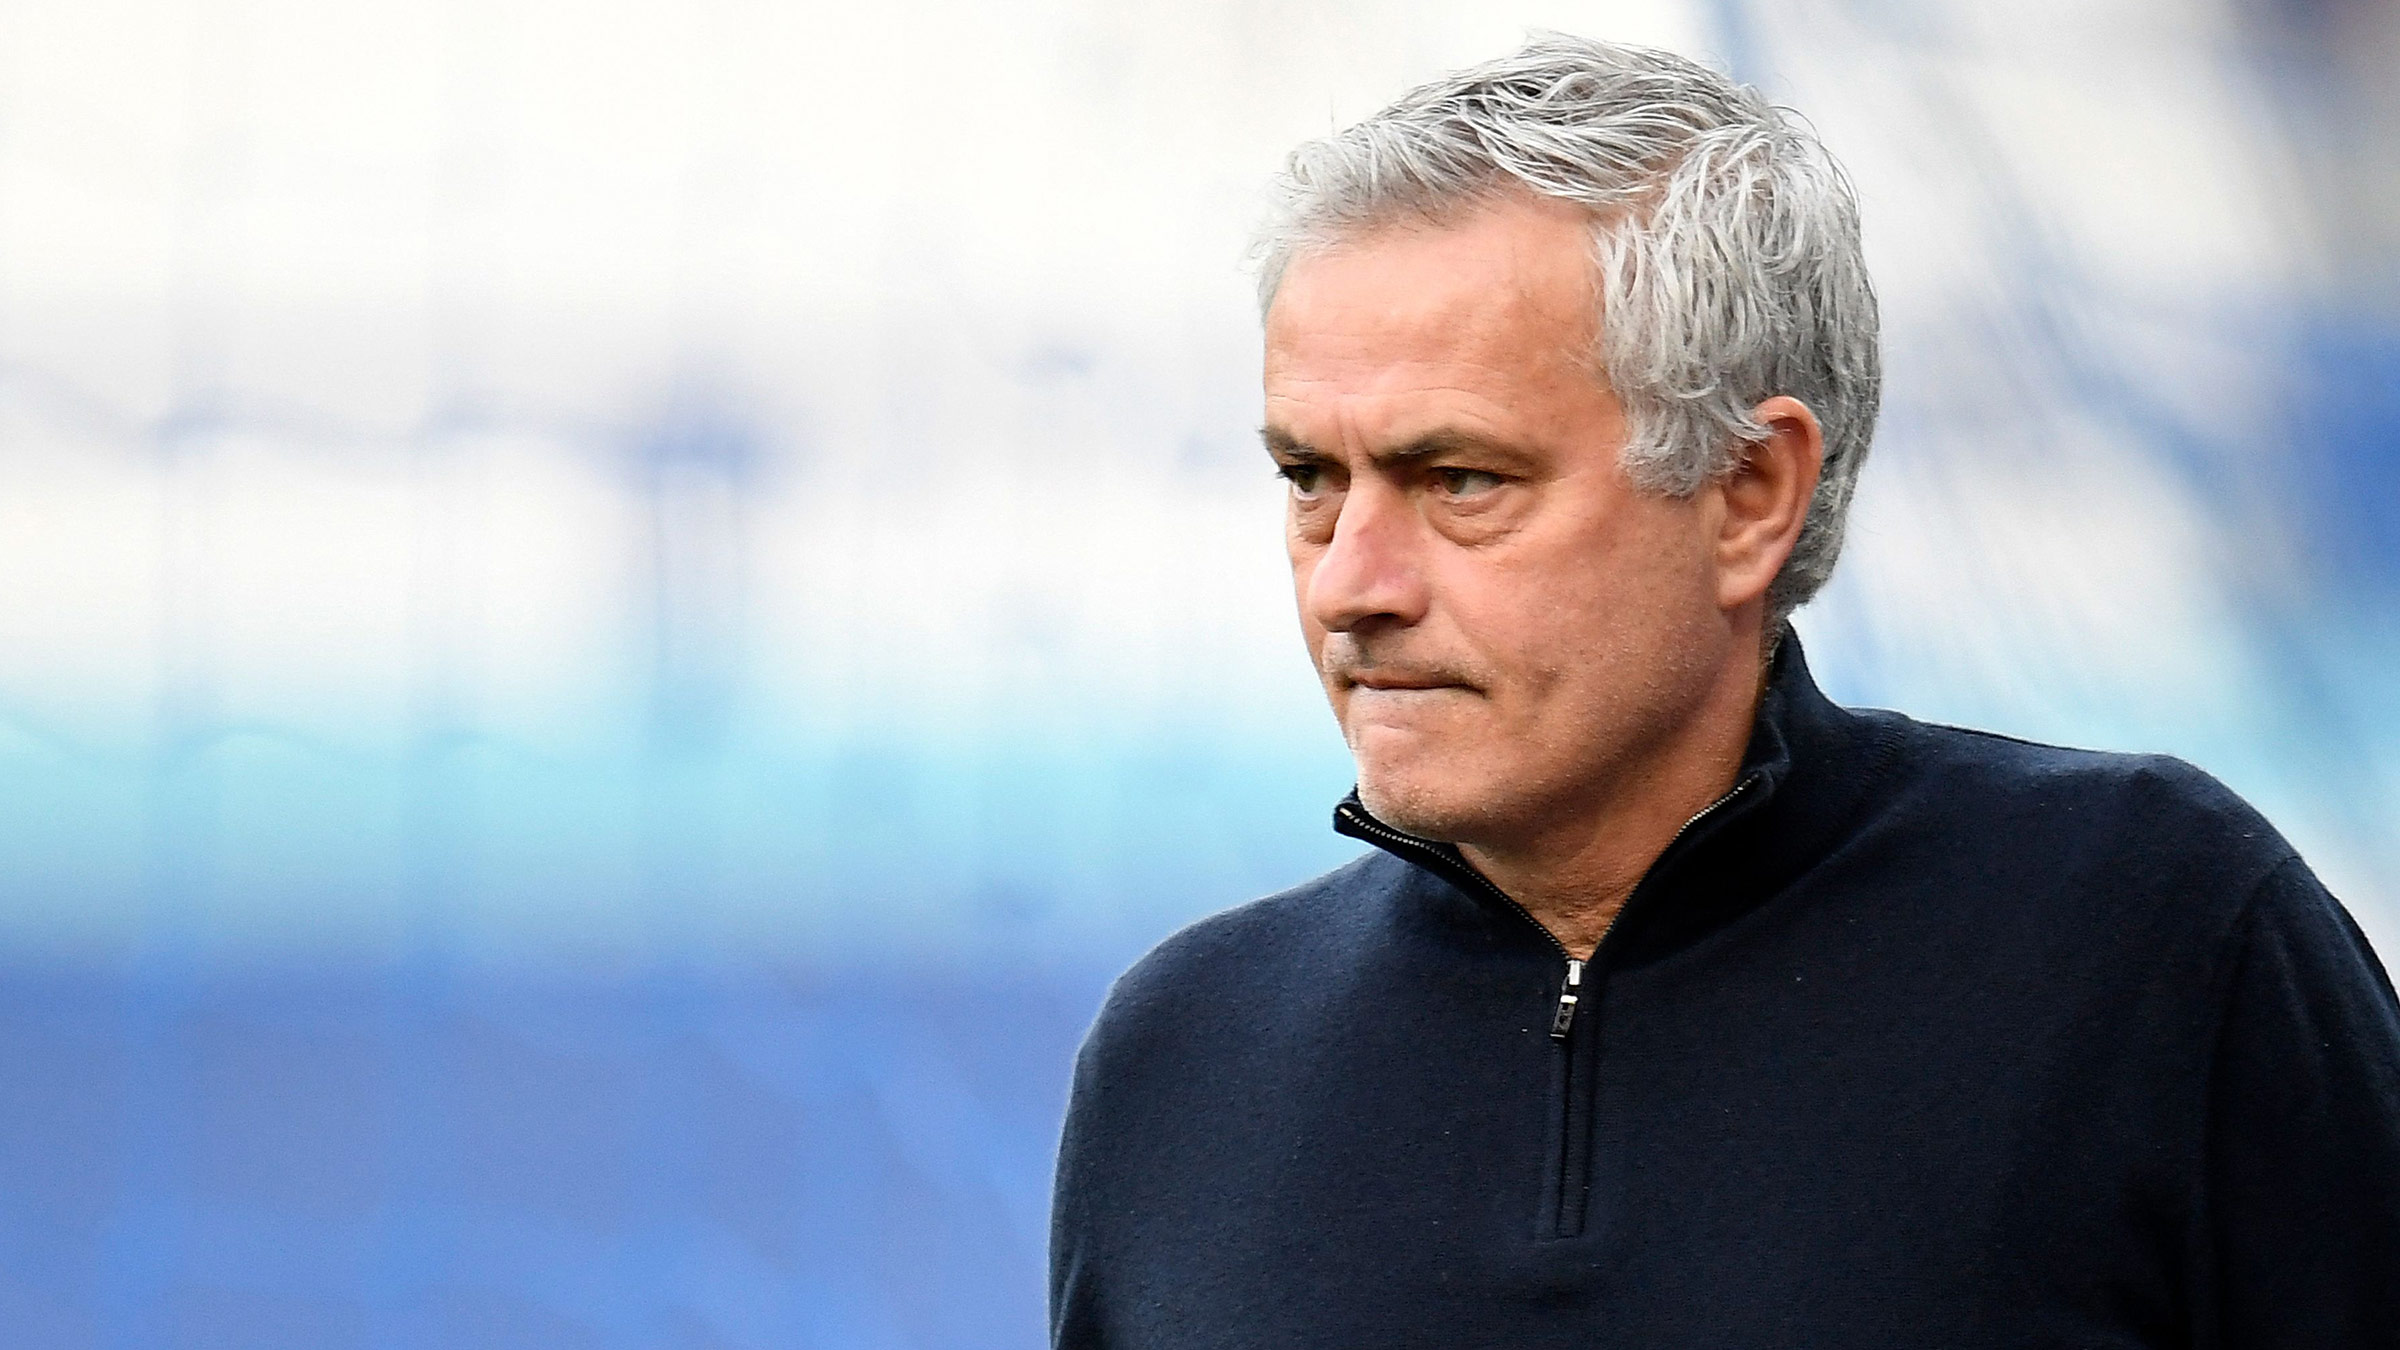 """Tottenham Hotspur has confirmed that Jose Mourinho has been """"relieved of his duties."""""""